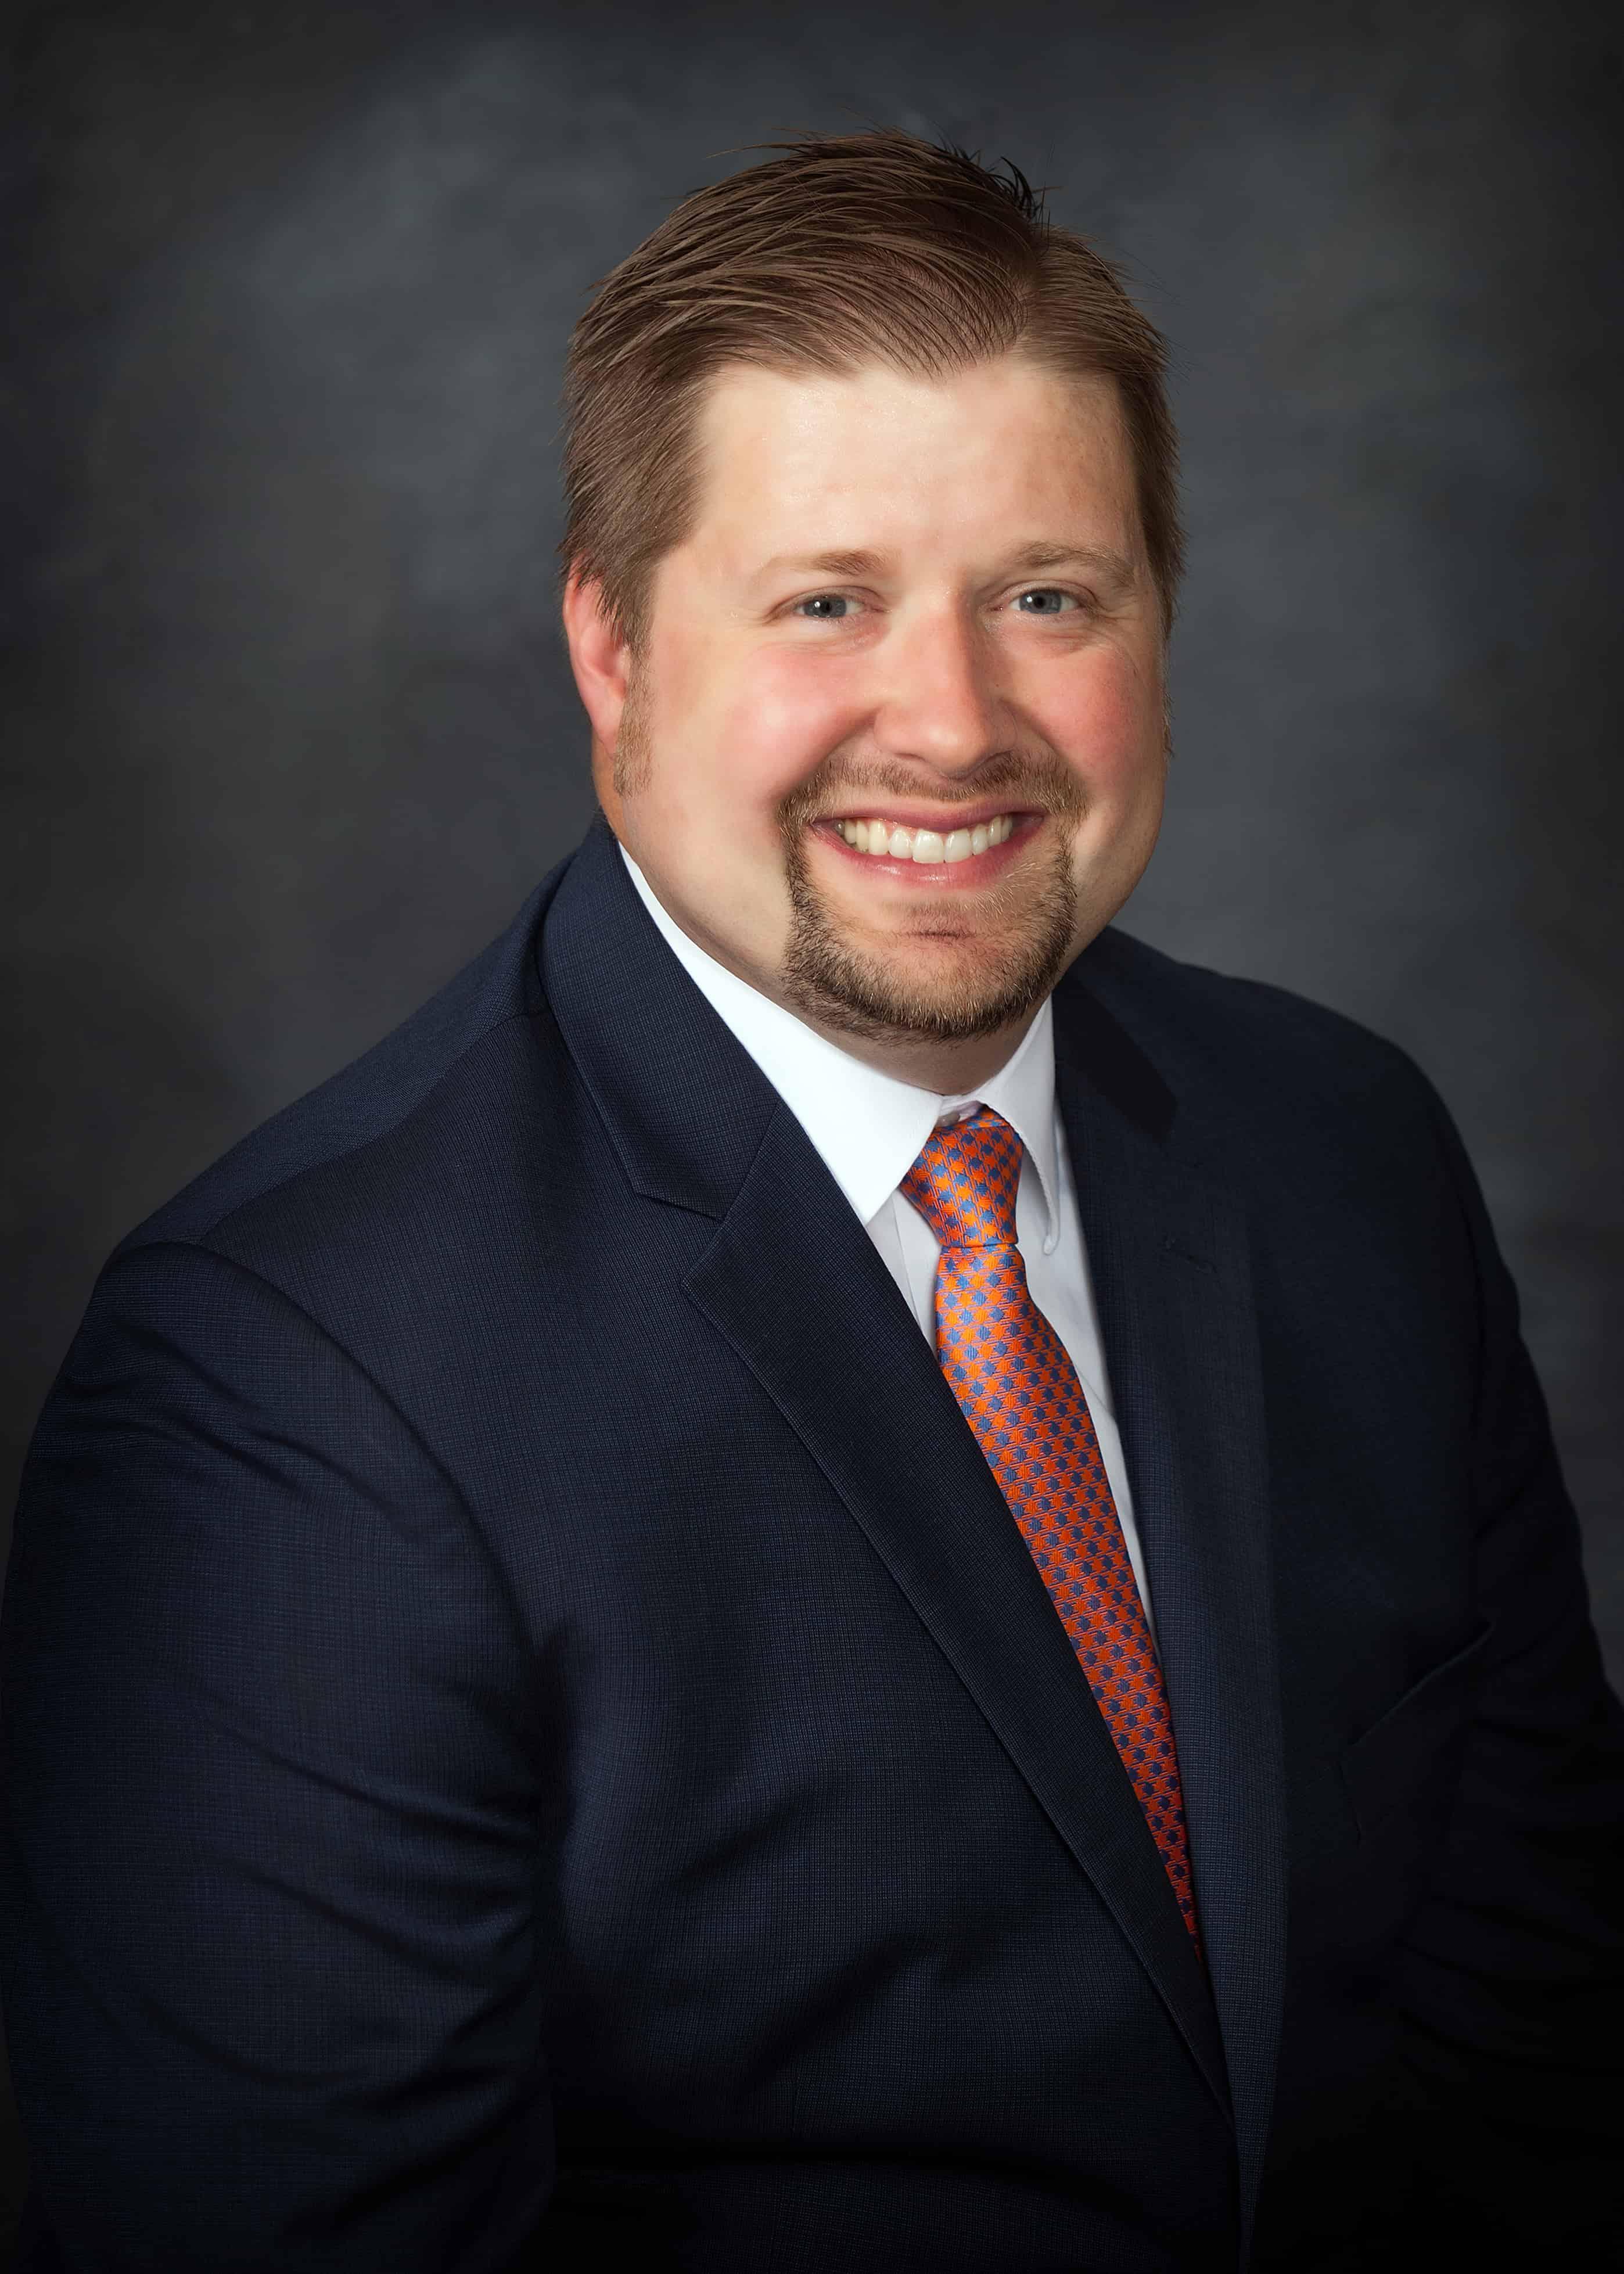 Headshot of Doctor James Petersen